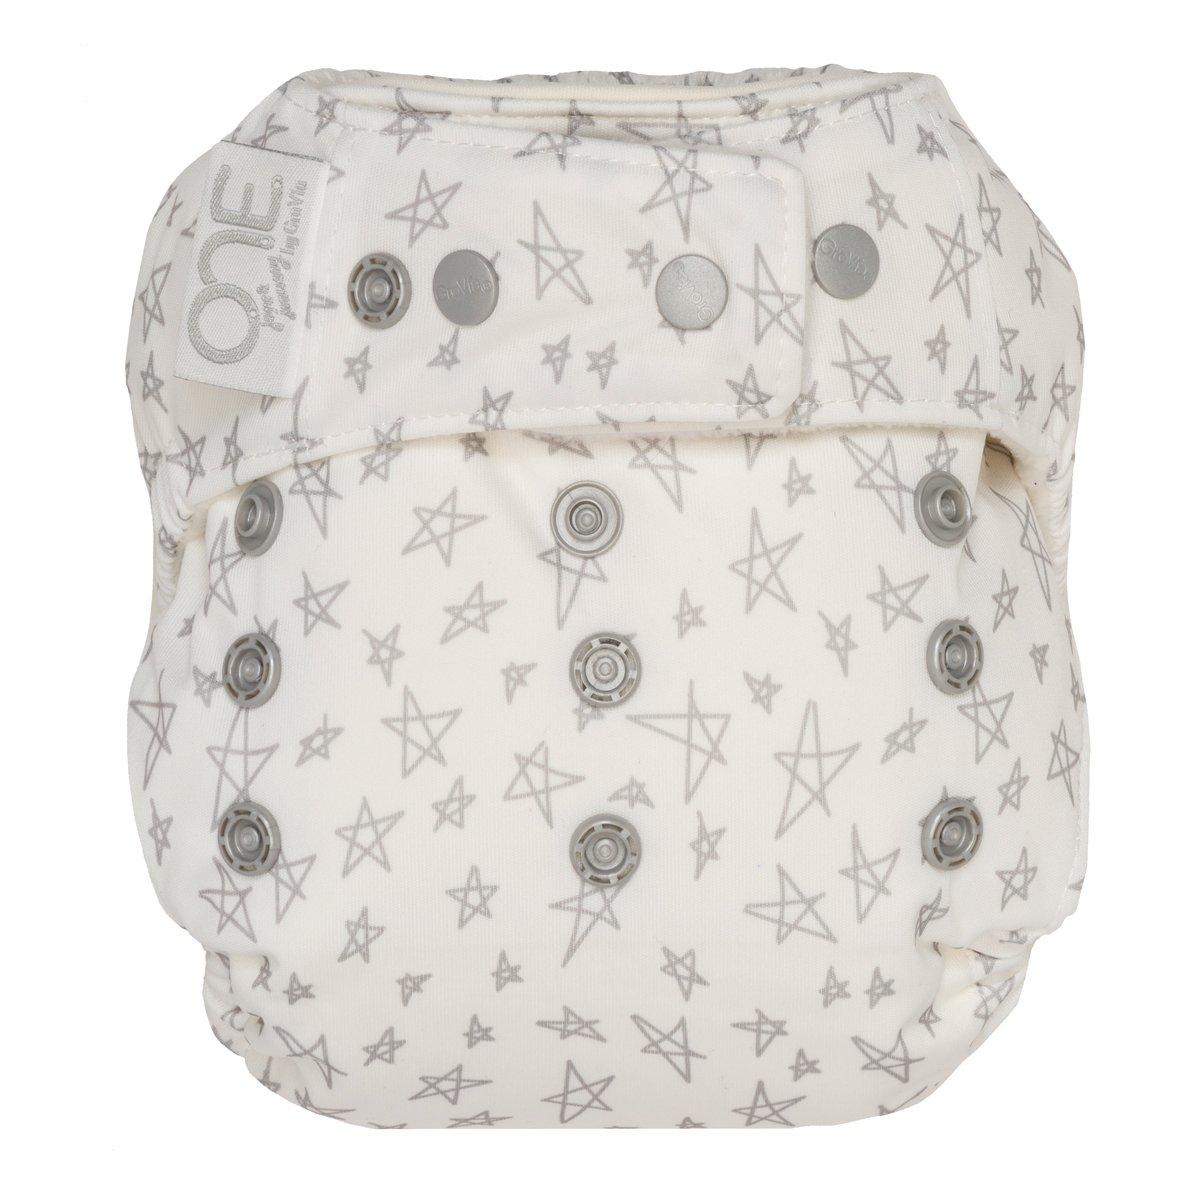 GroVia One Size Cloth Diaper Shell Set -  Slate Stars